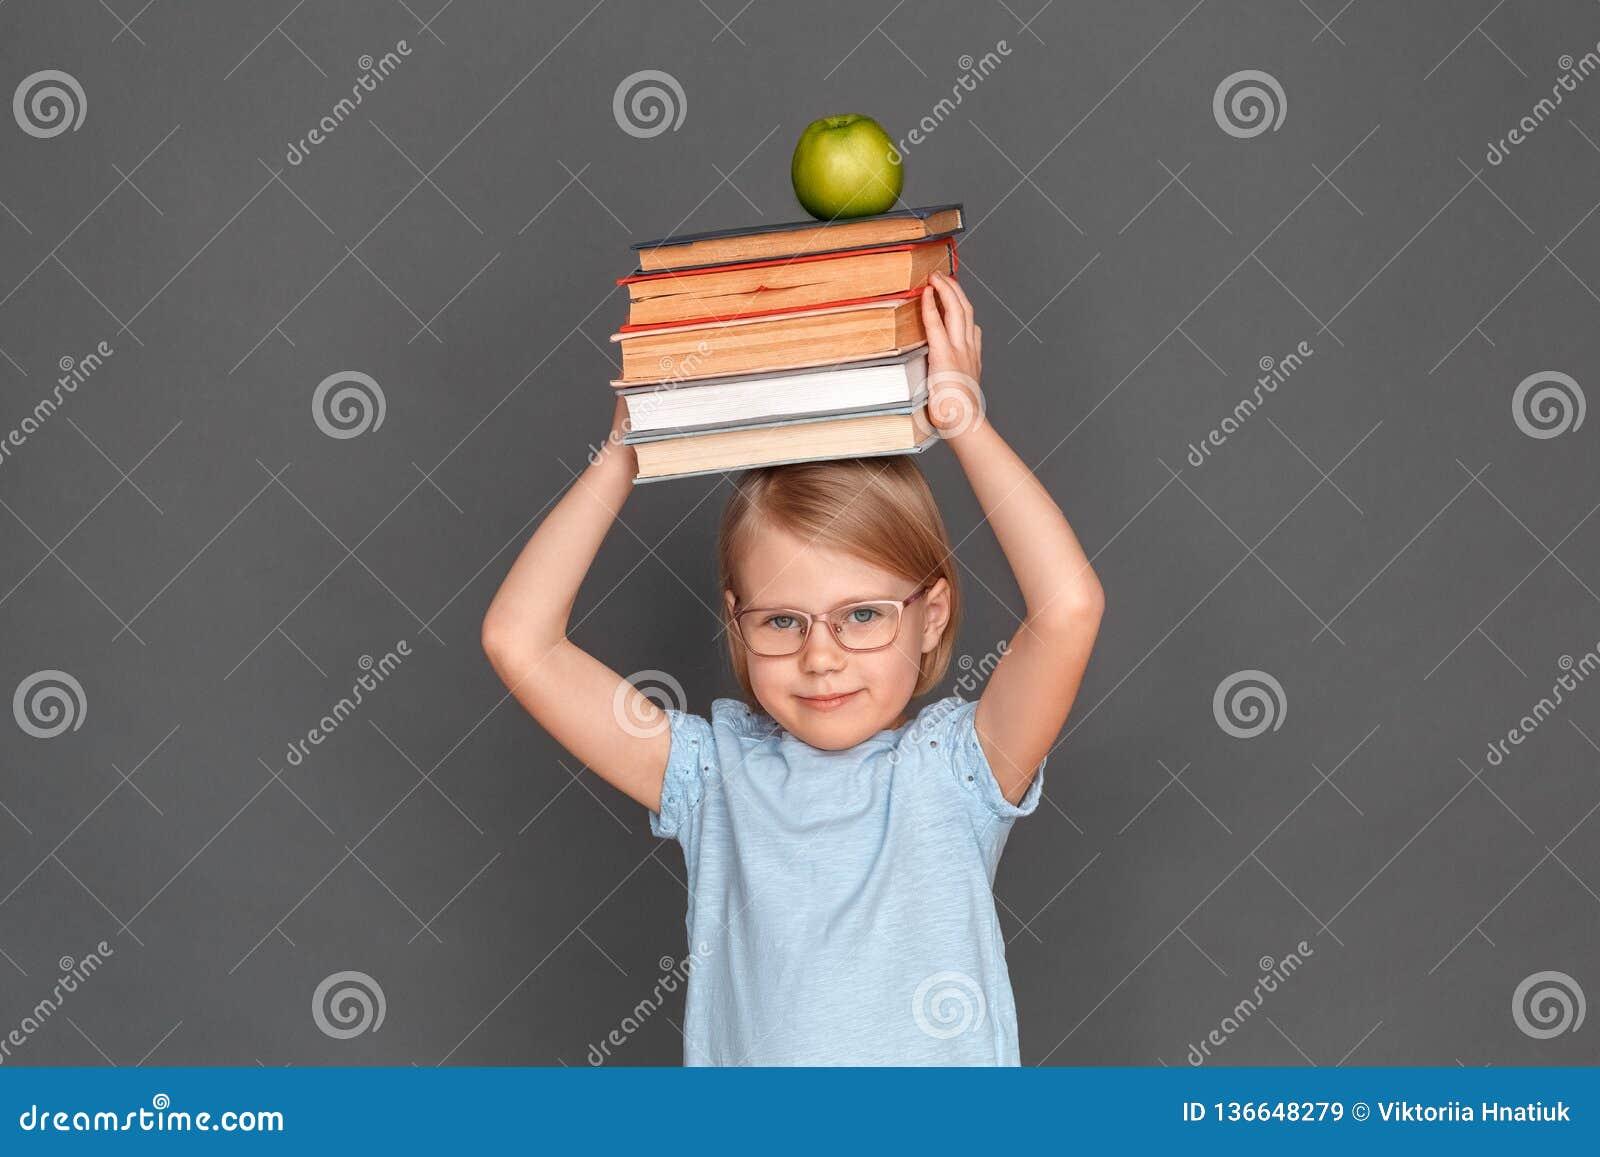 Freestyle Μικρό κορίτσι eyeglasses που απομονώνεται στο γκρι με τα βιβλία και το μήλο επάνω από το επικεφαλής χαμόγελο χαρούμενο